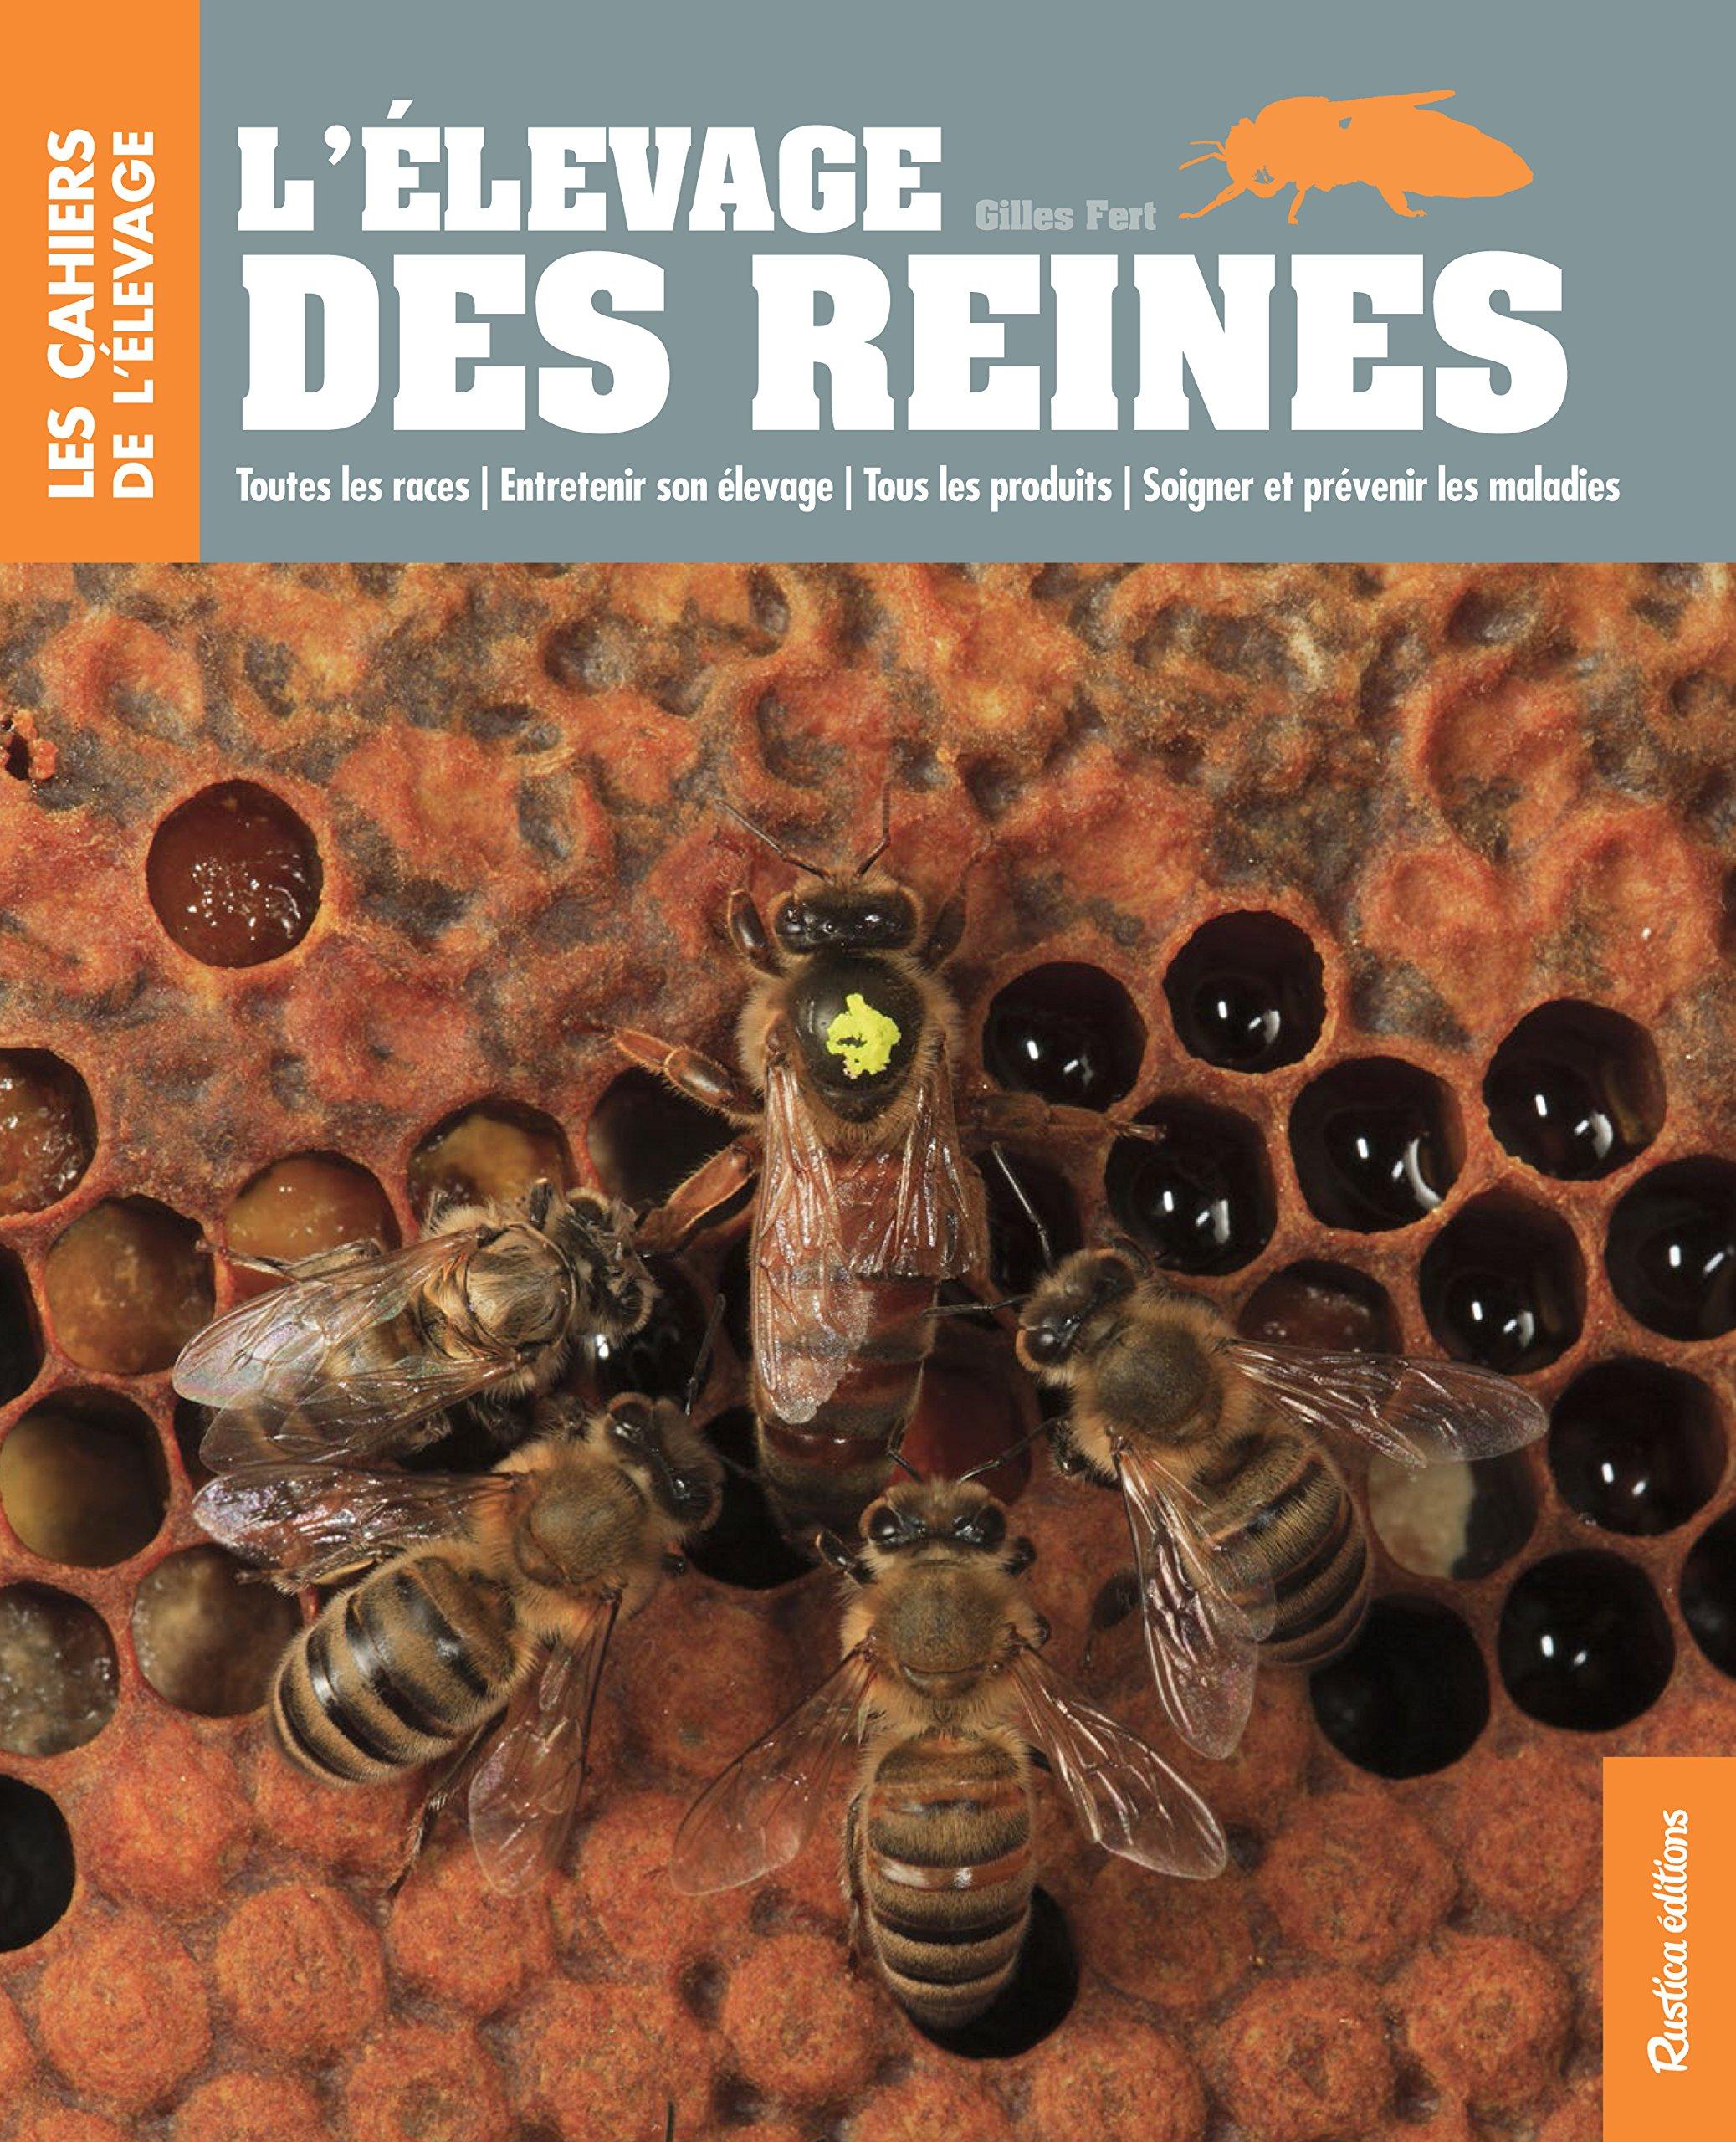 L'Élevage des Reines Broché – 21 mars 2014 Gilles Fert L' Élevage des Reines RUSTICA 281530564X